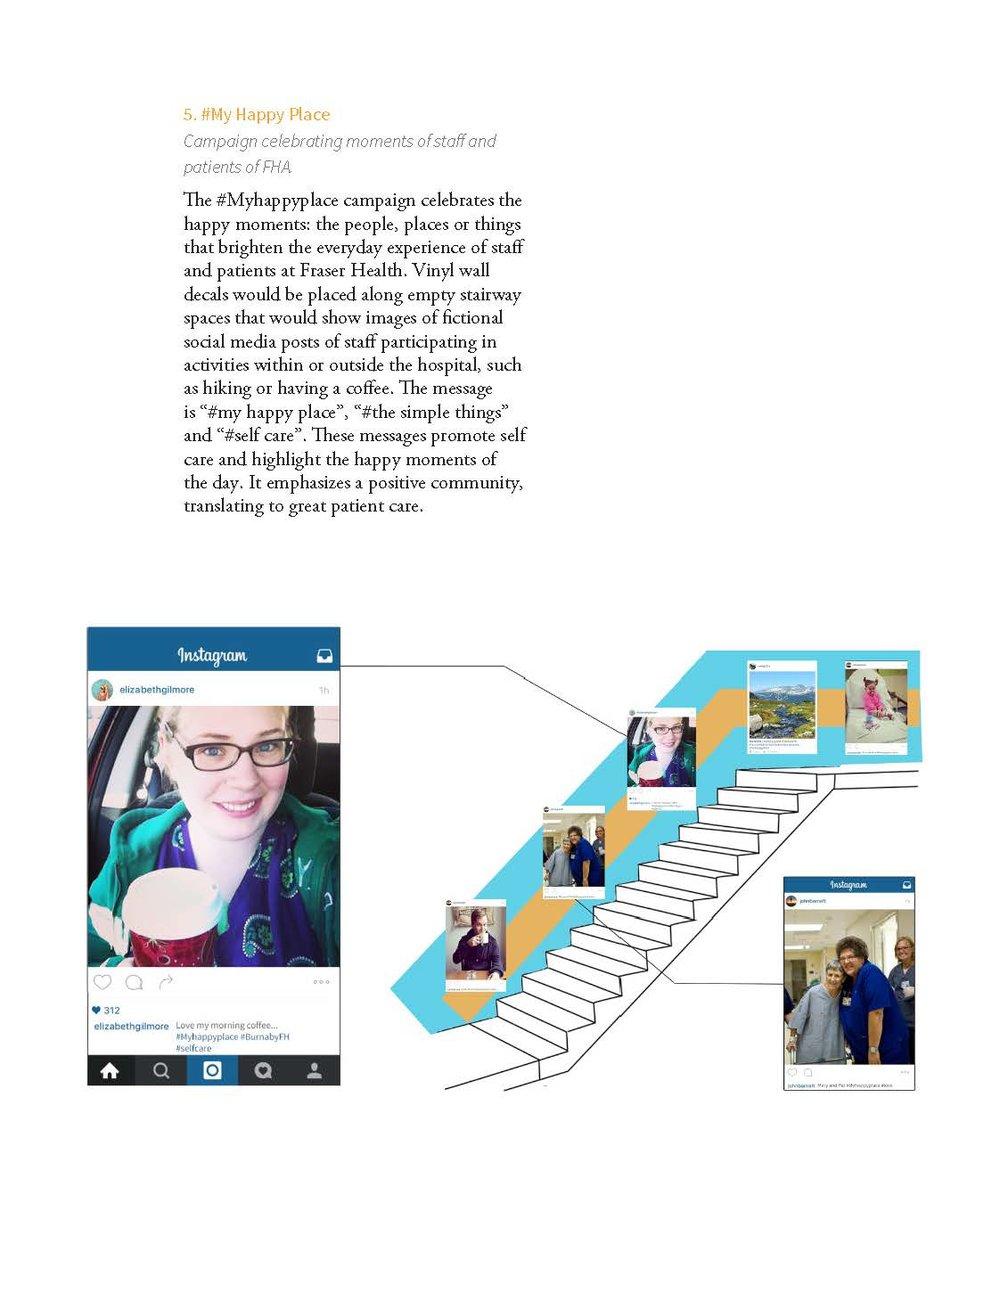 Copy of HDL_Fraser_Health_V4_Page_24.jpg